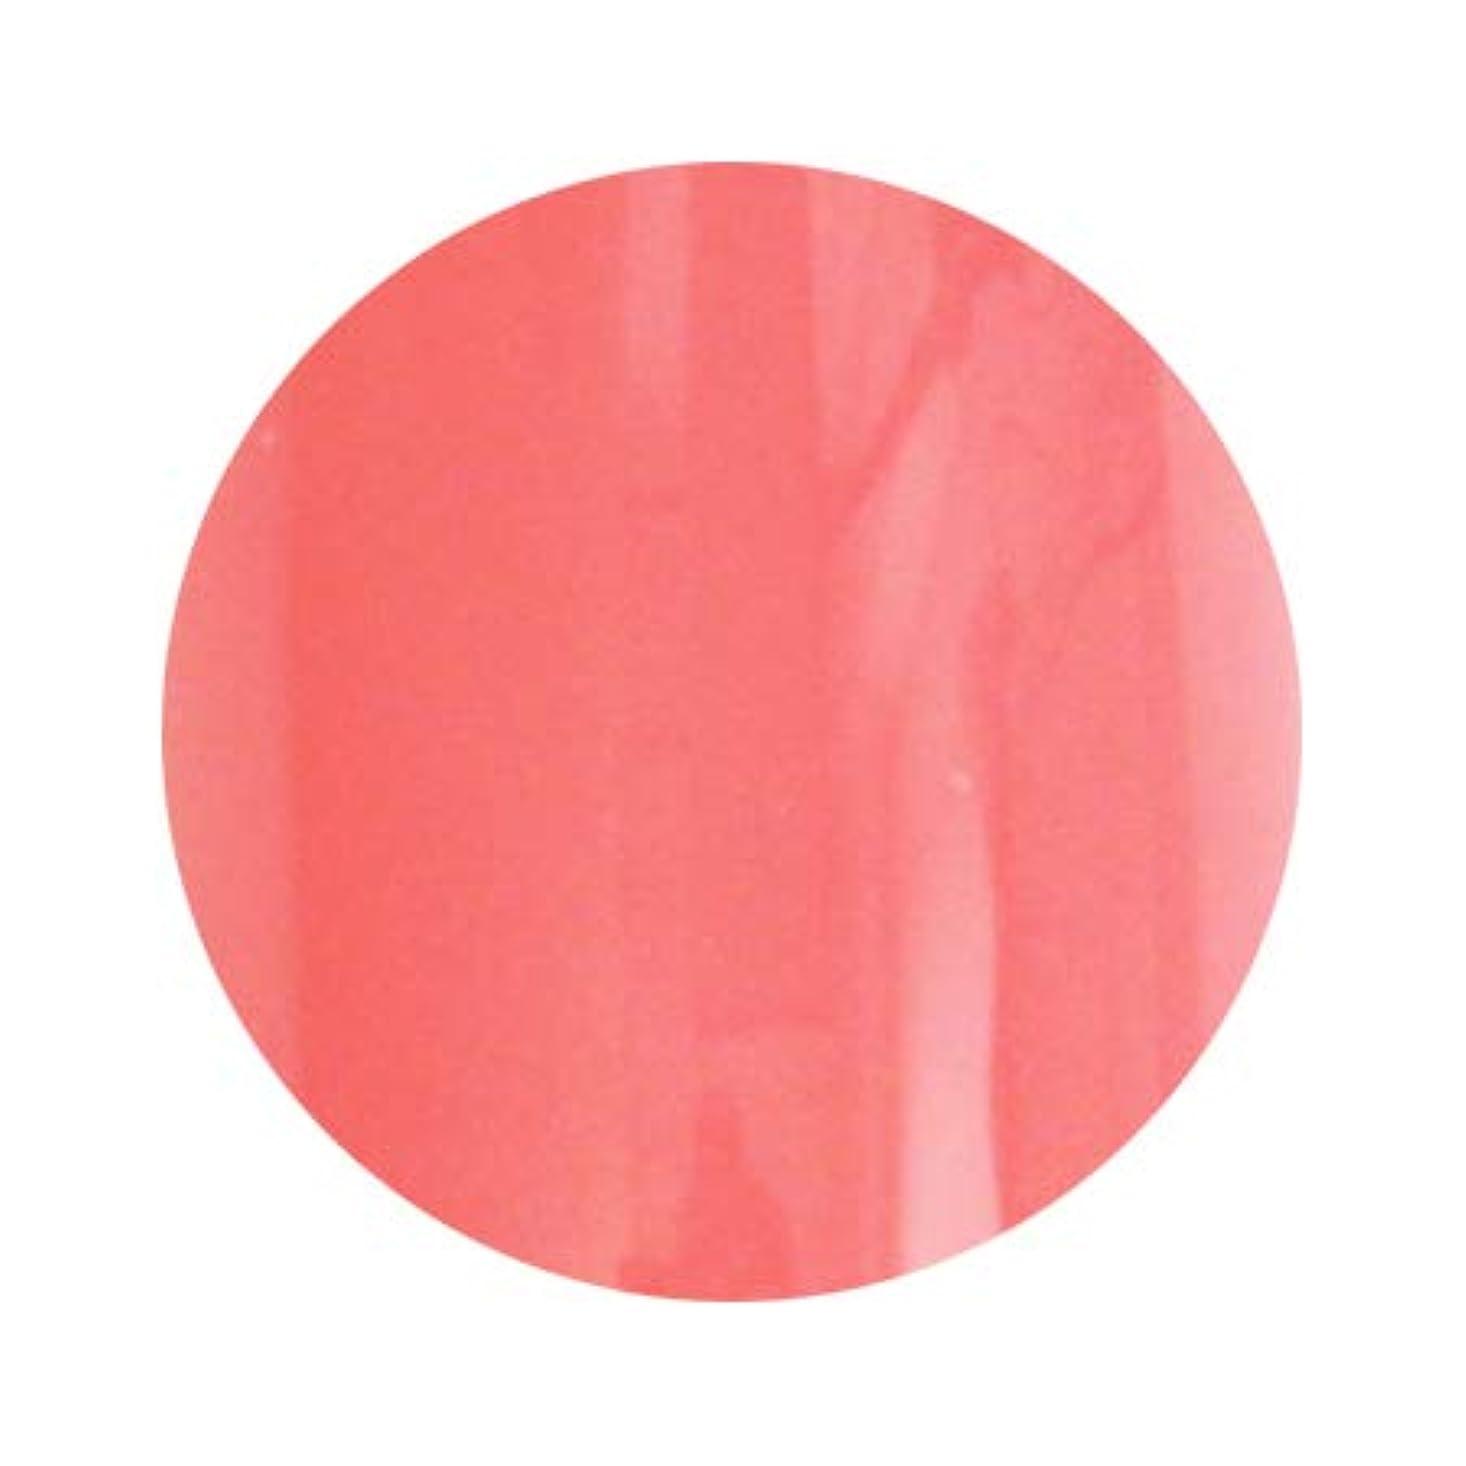 離れて項目インクLUCU GEL ルクジェル カラー ORM05 コーラル 3.5g